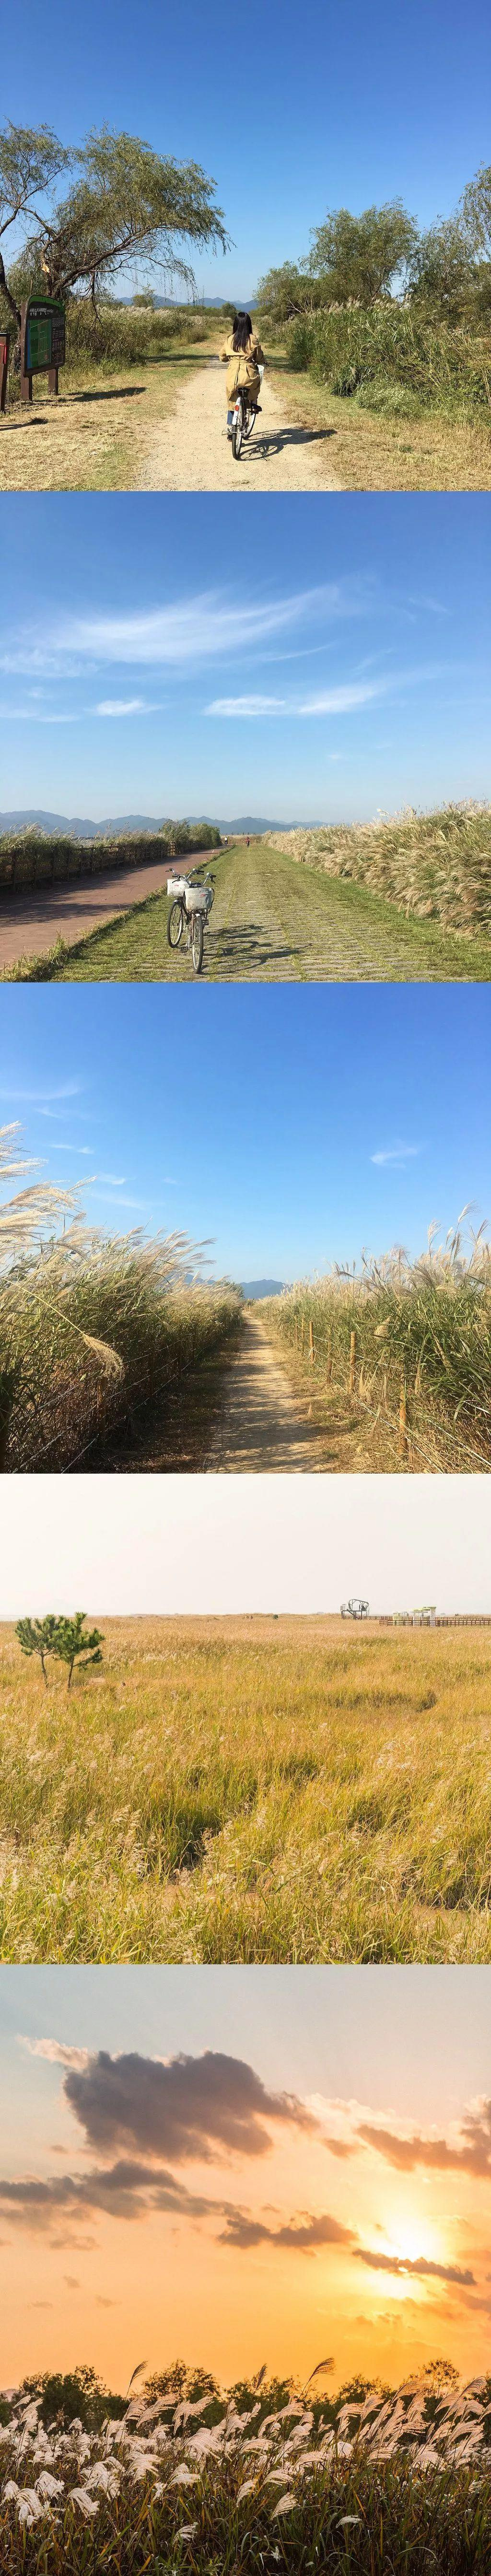 一组图片带你走进美丽釜山